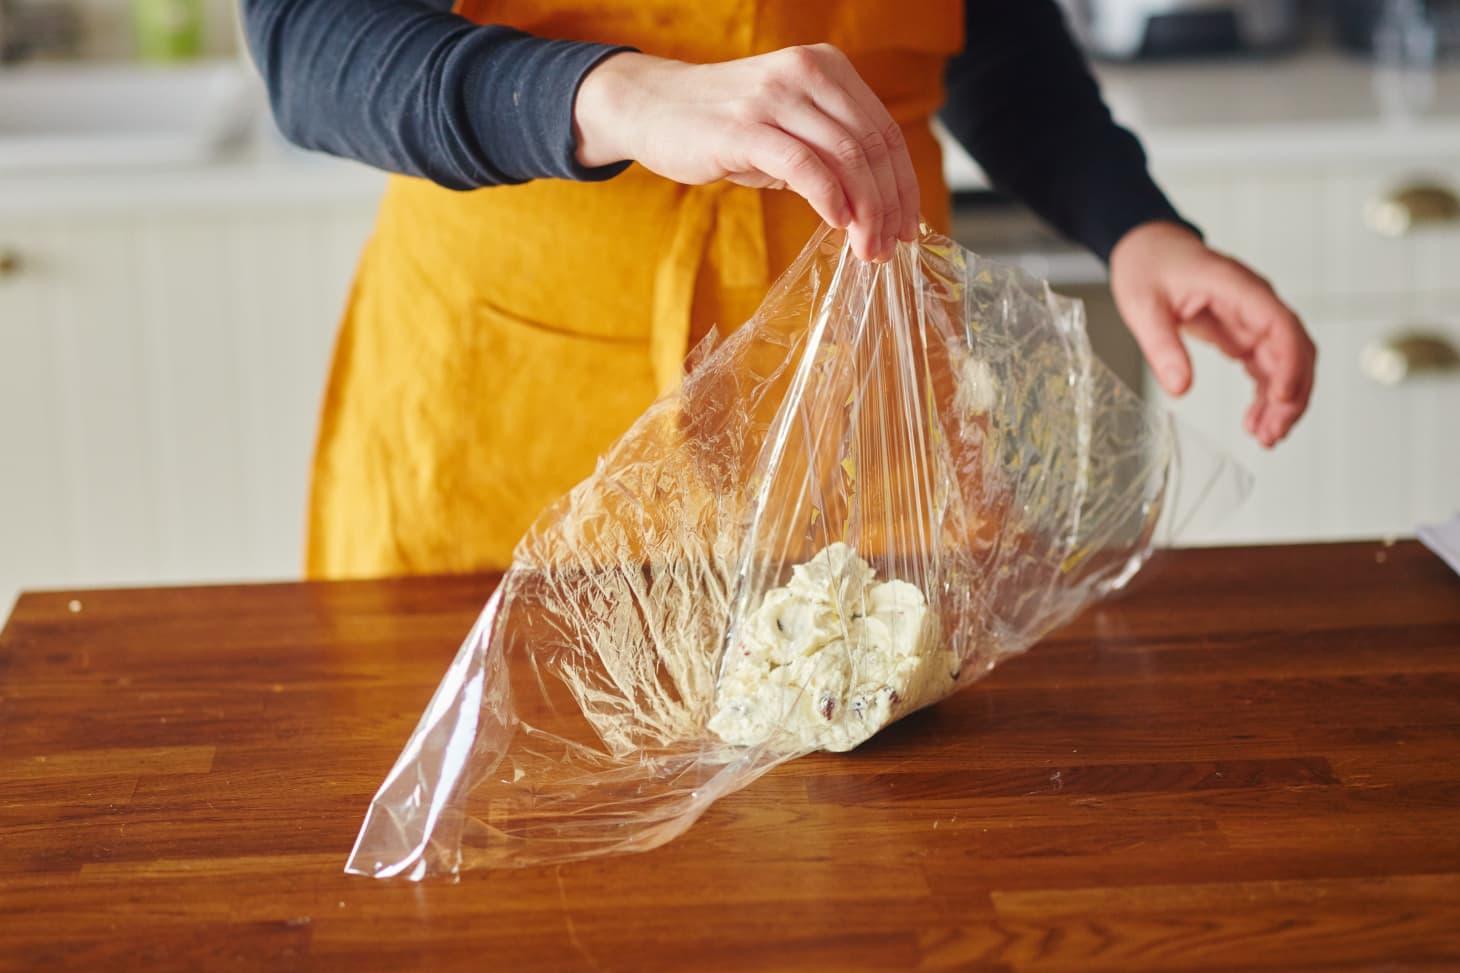 How To Make a Cheeseball